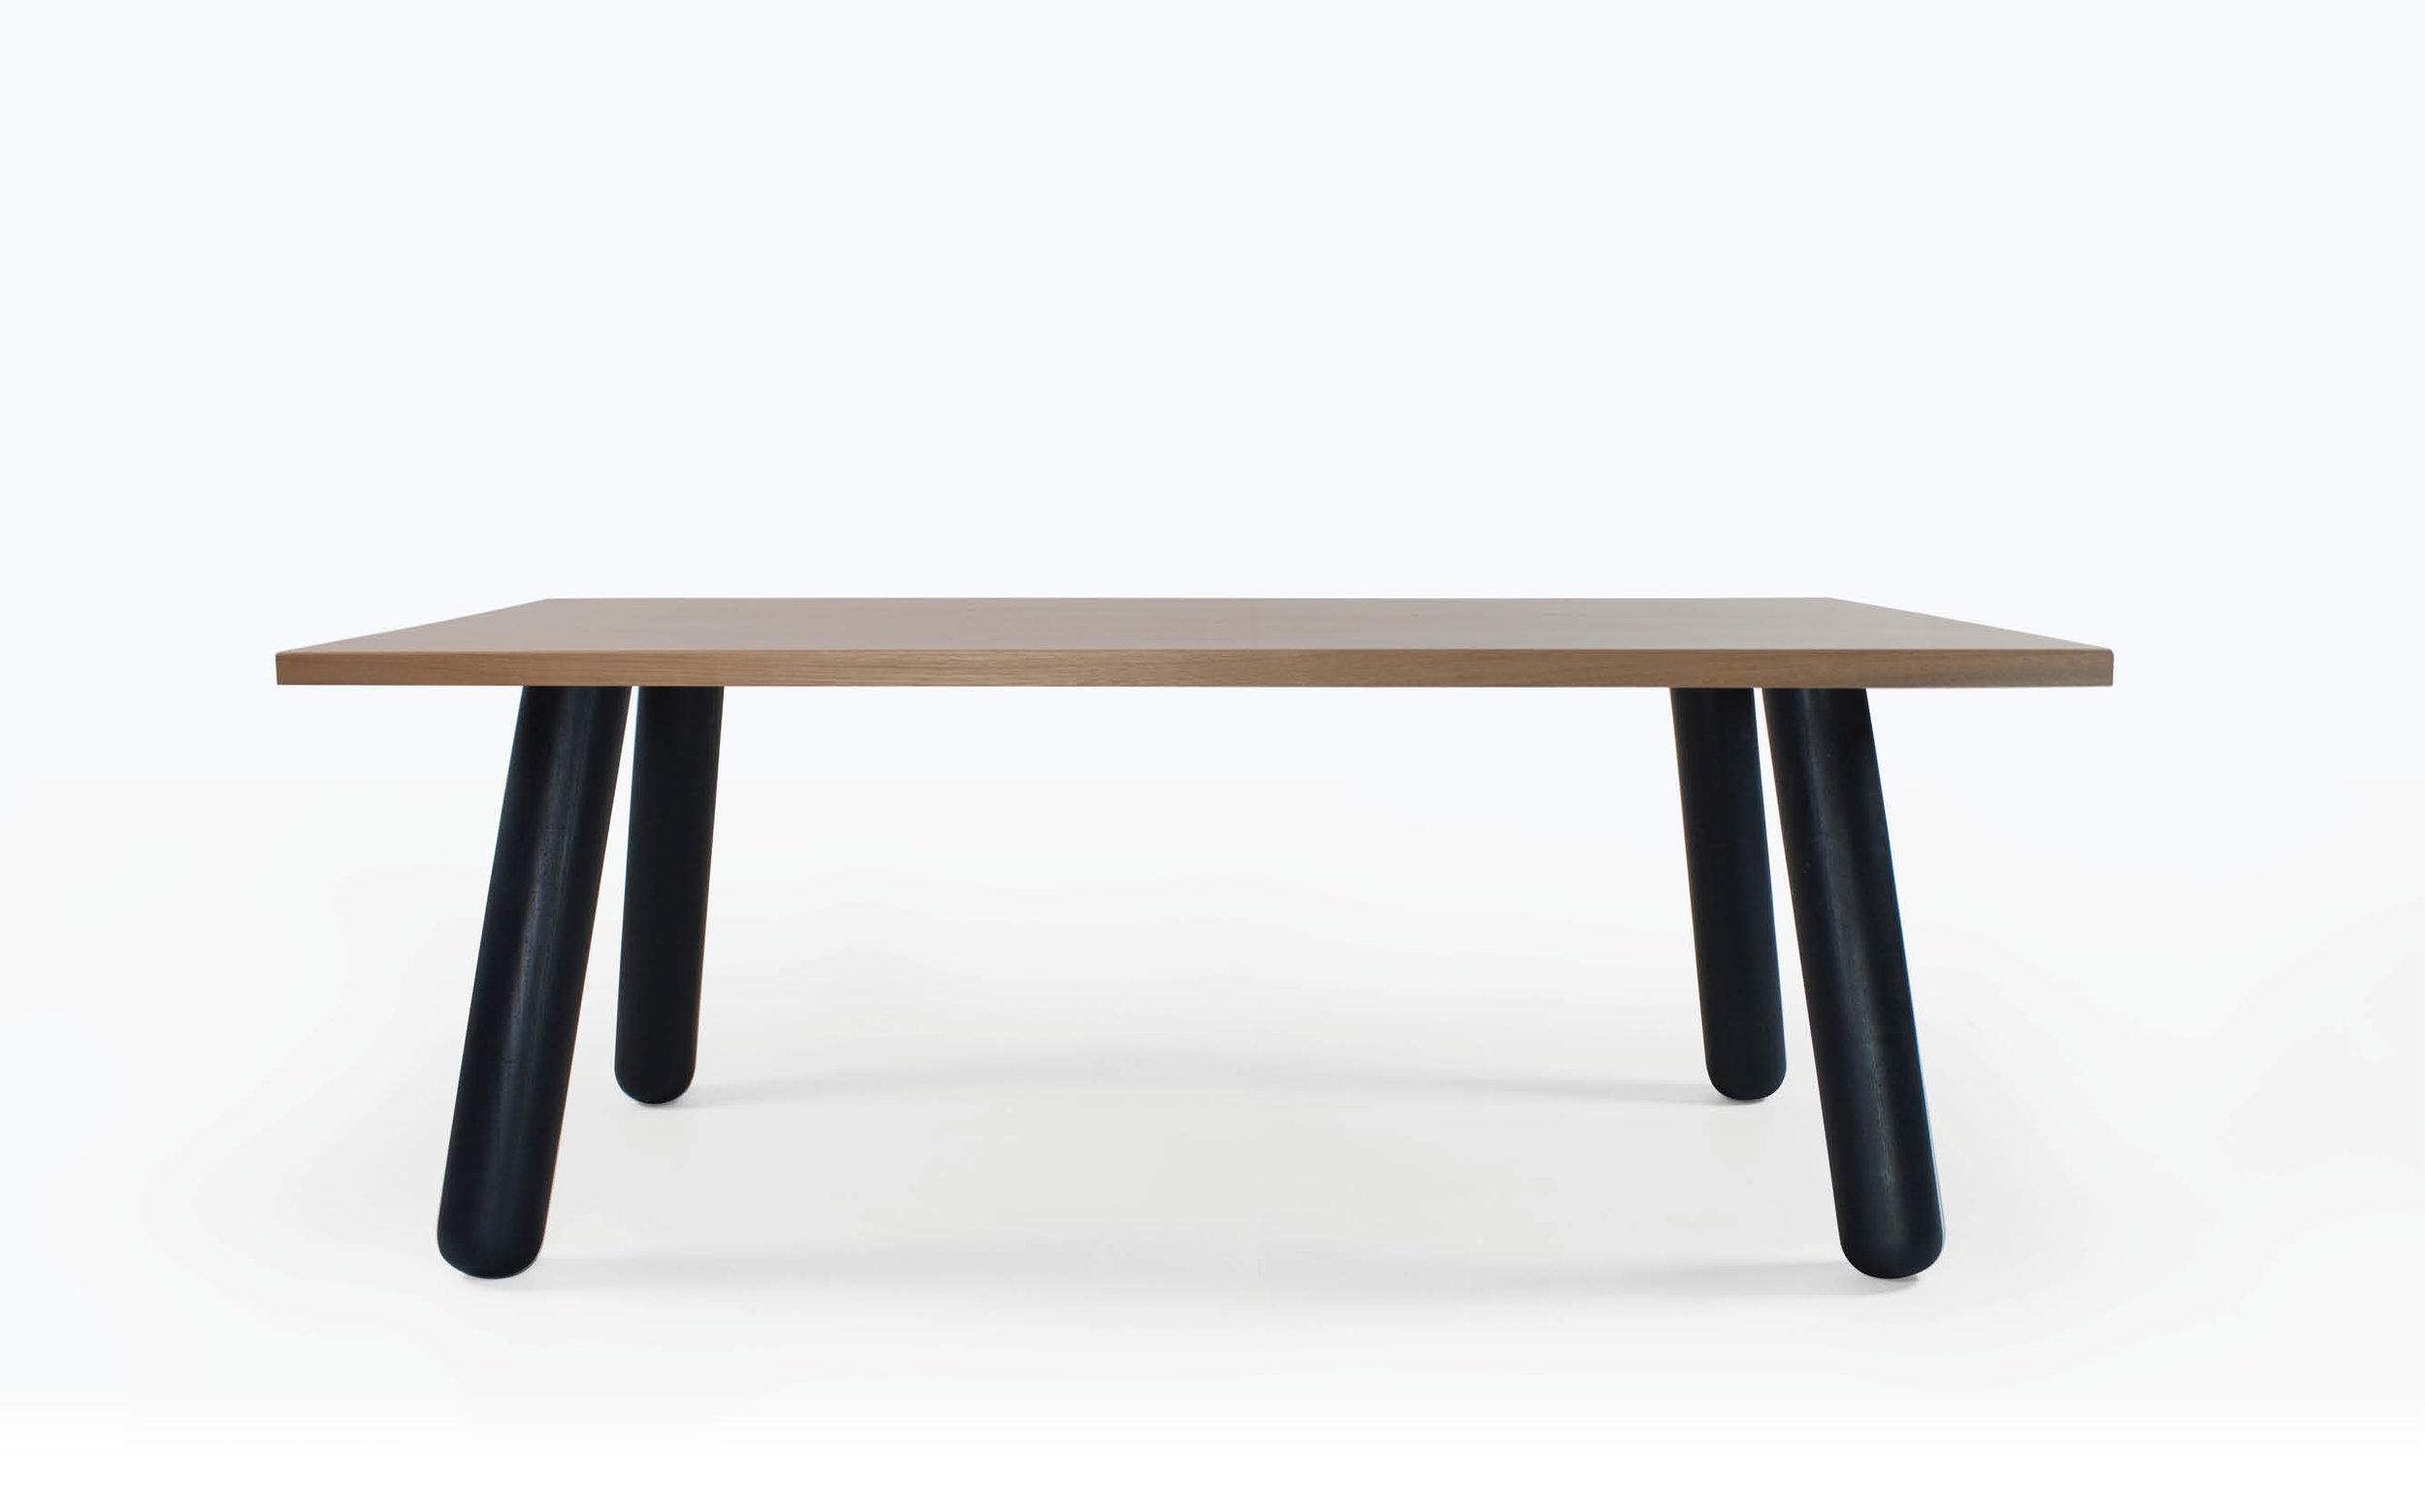 Eero Table -